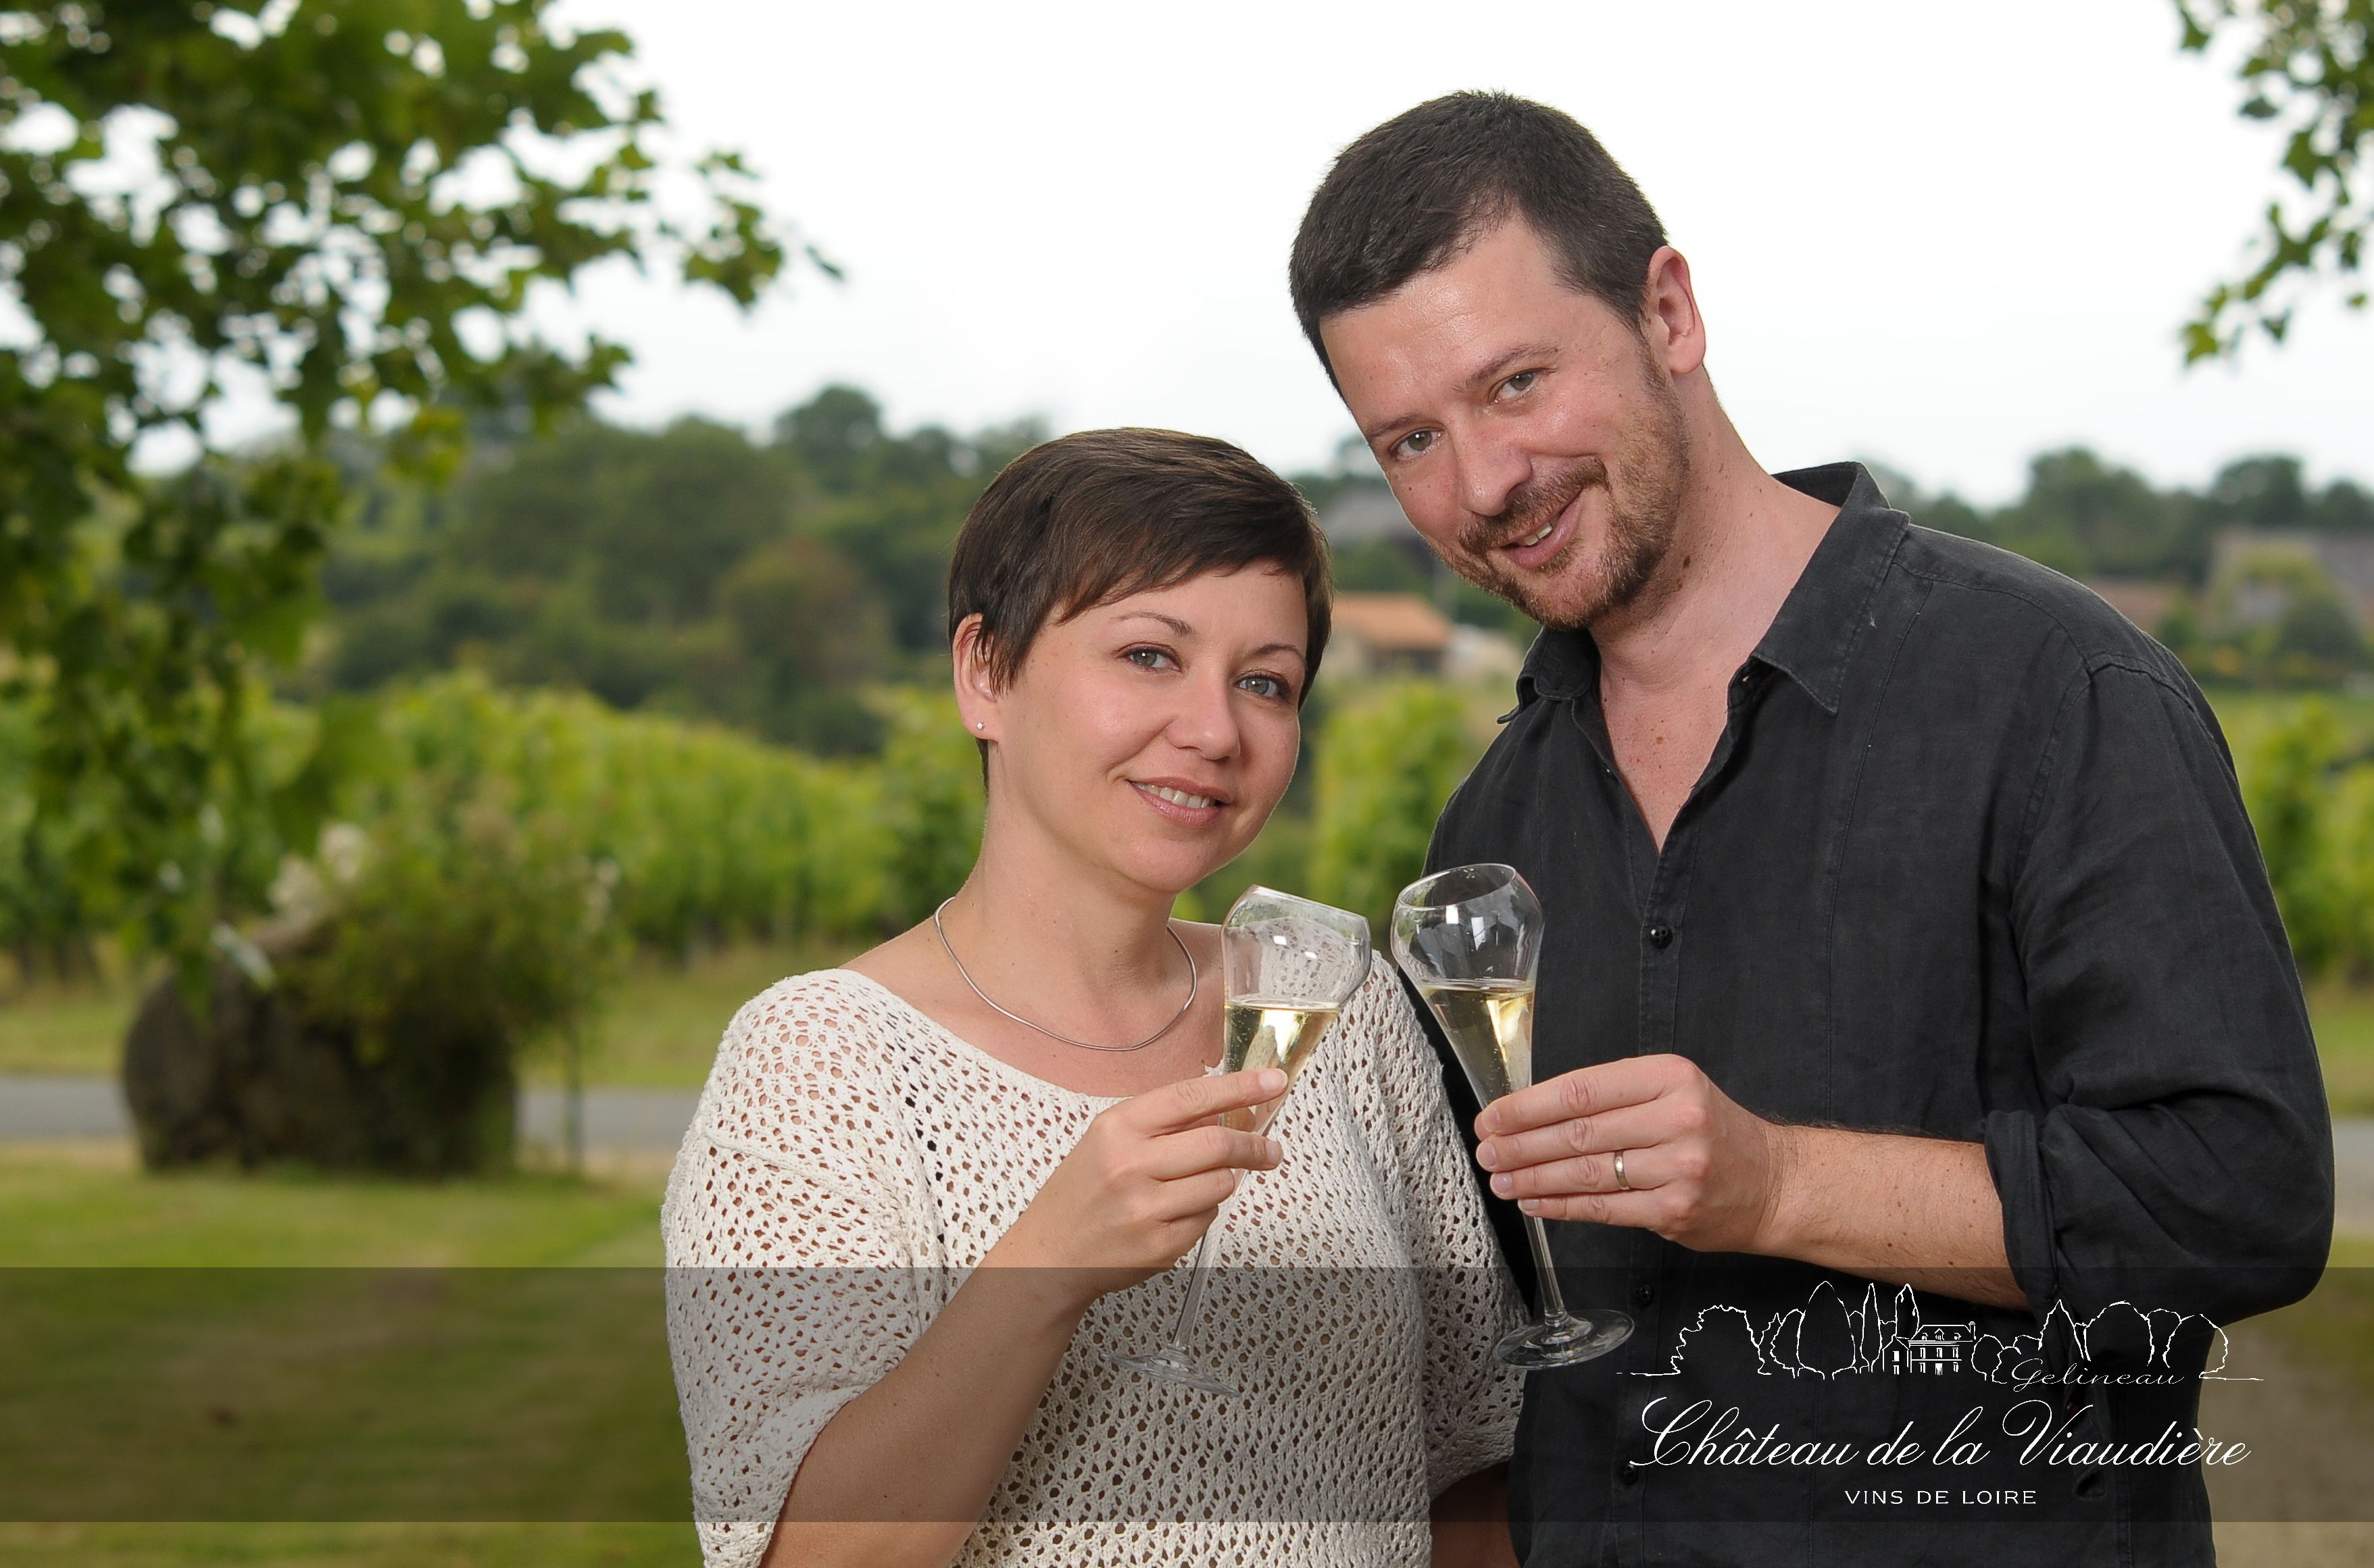 Agnès et Pierre-Antoine Giovannoni, viticulteurs exploitants depuis 20 ans.